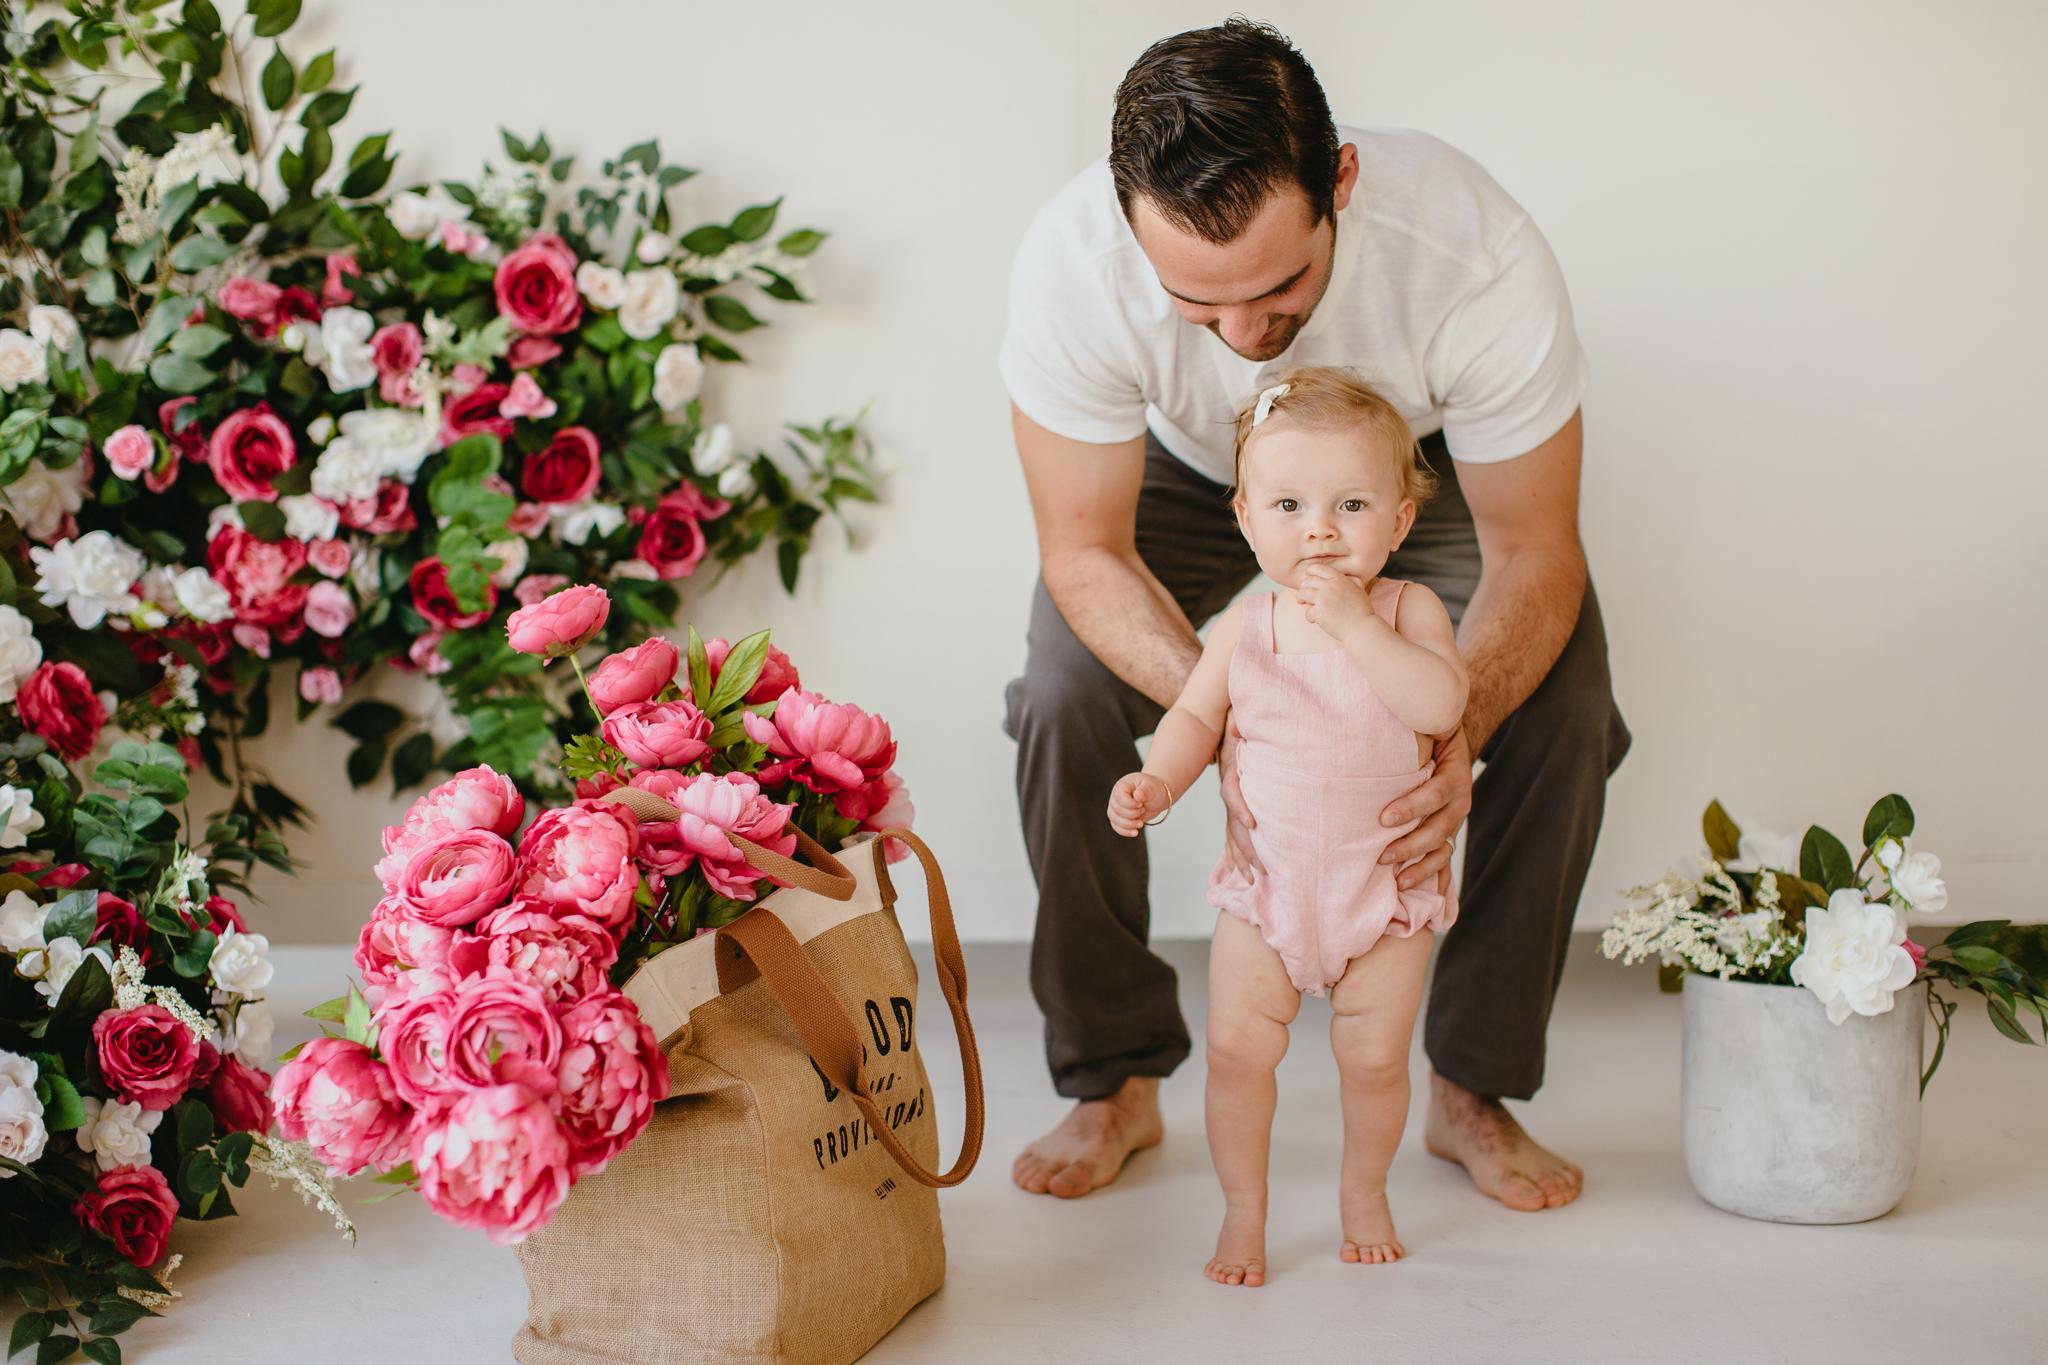 denver-family-photographer-photo-studio-2.jpg